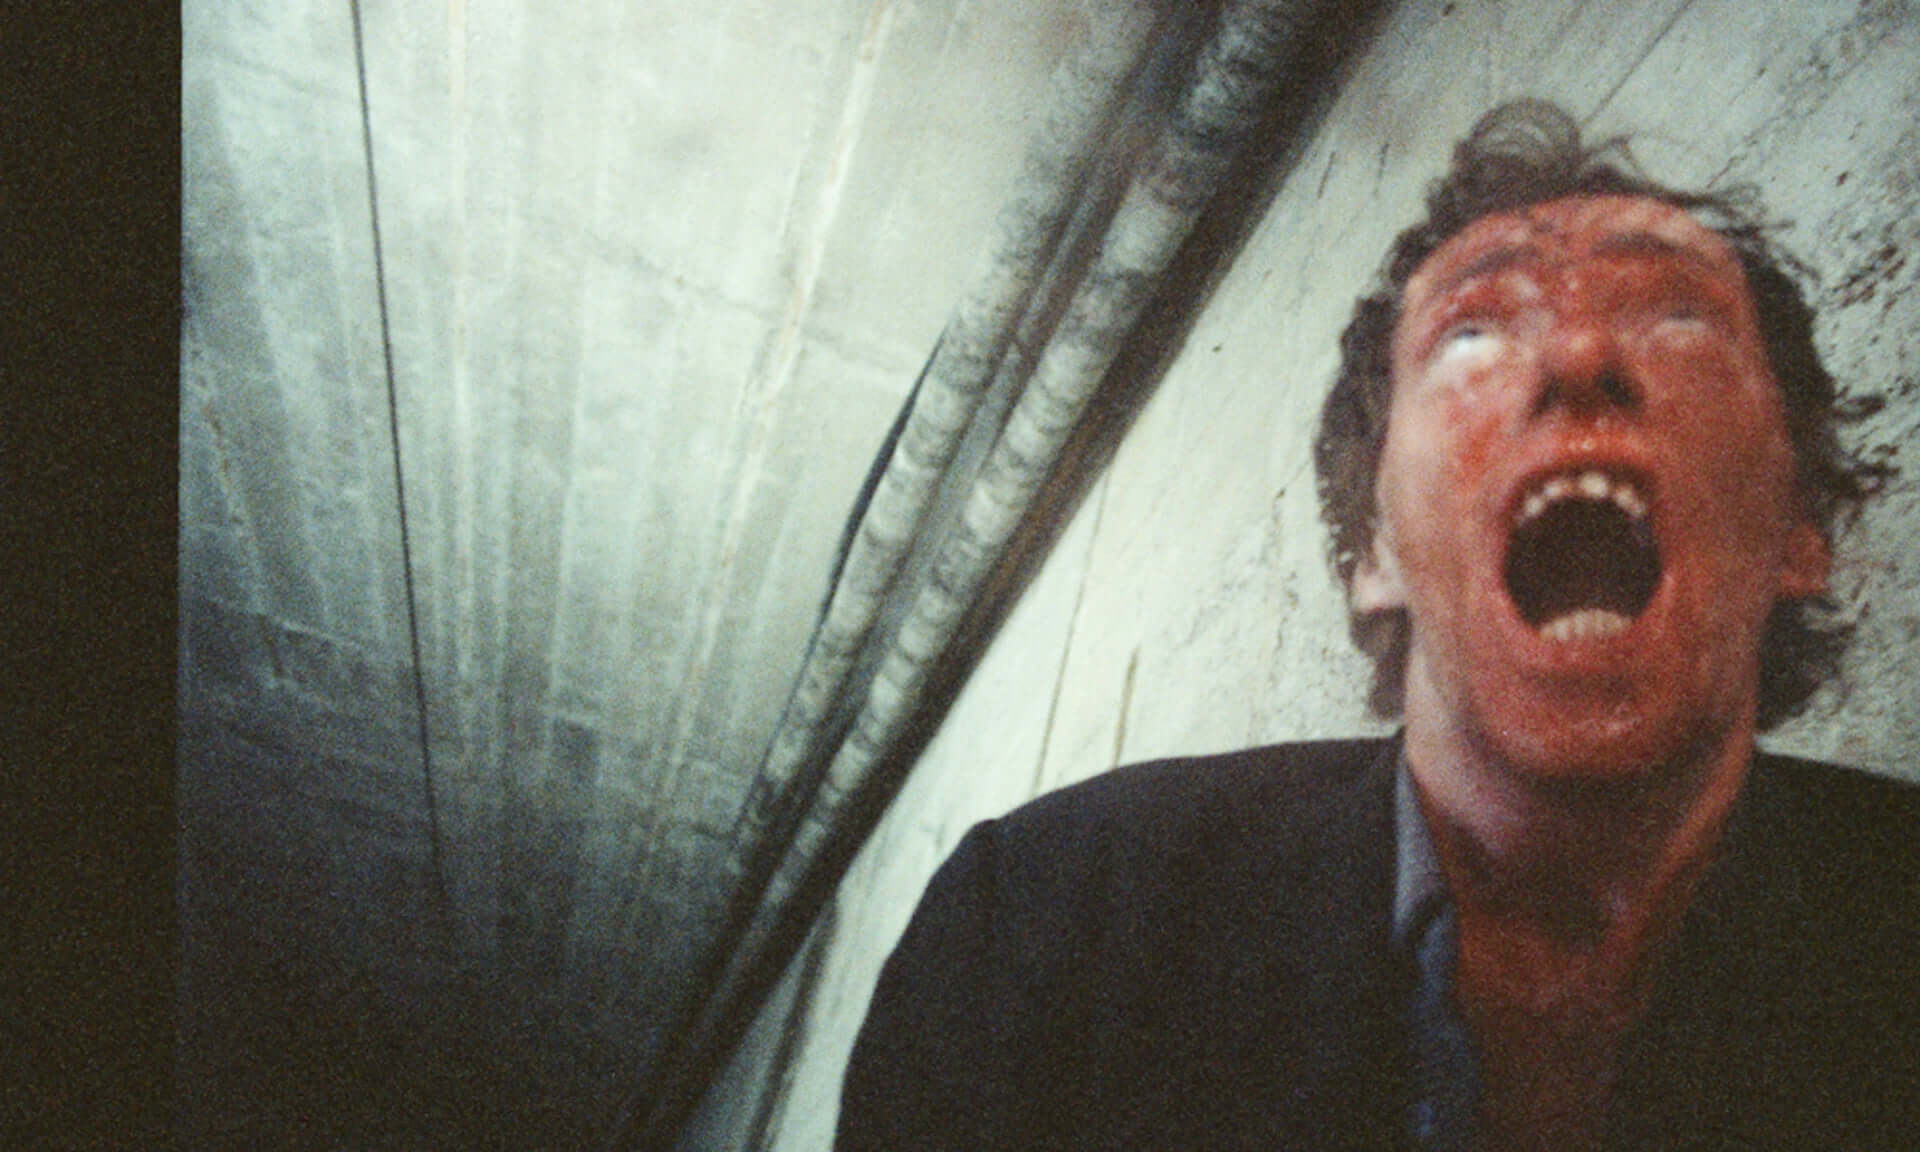 映画『アングスト/不安』の怖すぎるビジュアルをおうちにも!?オリジナルポスター3種類が急遽販売決定 film200720_angst_5-1920x1152